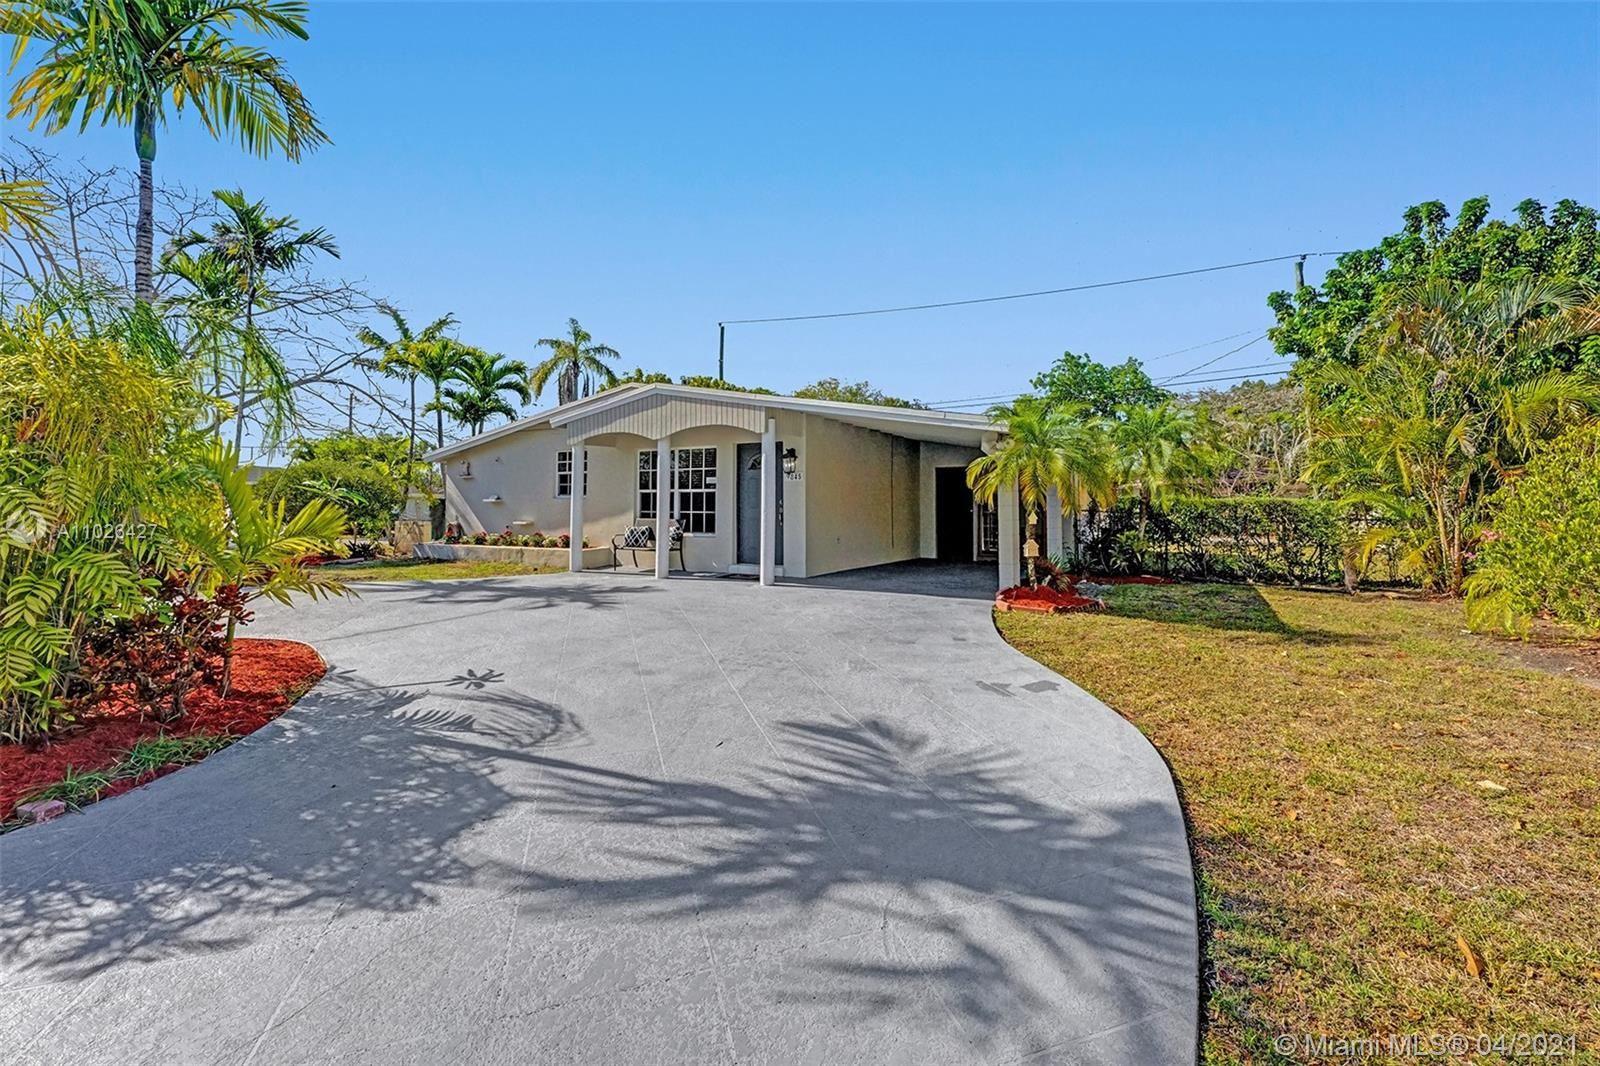 9845 SW 85th St, Miami, FL 33173 - #: A11026427